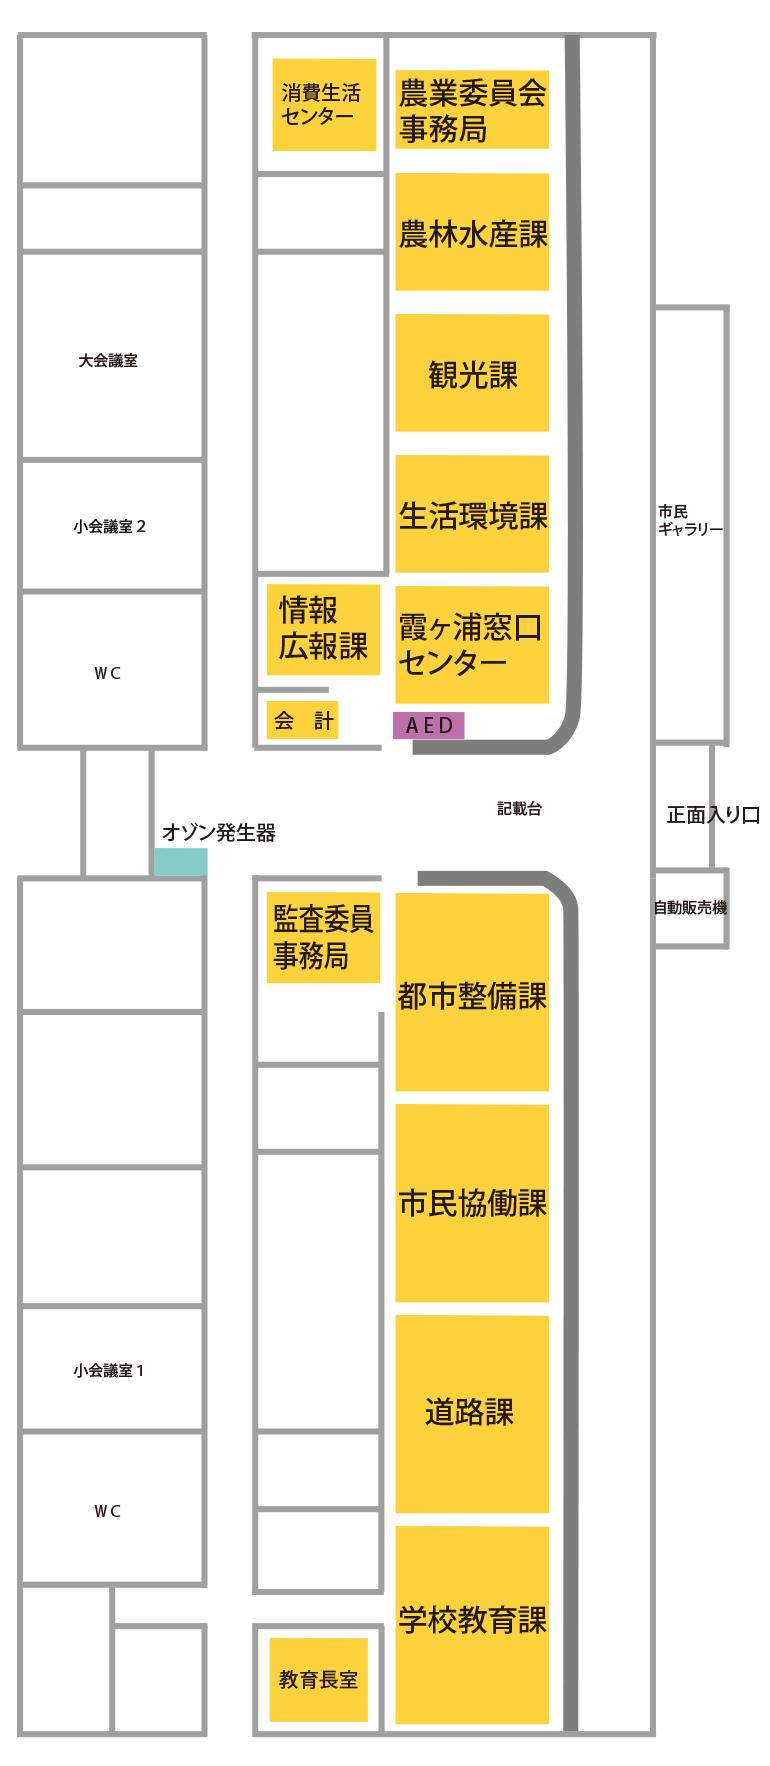 『『霞ヶ浦庁舎配置図』の画像』の画像